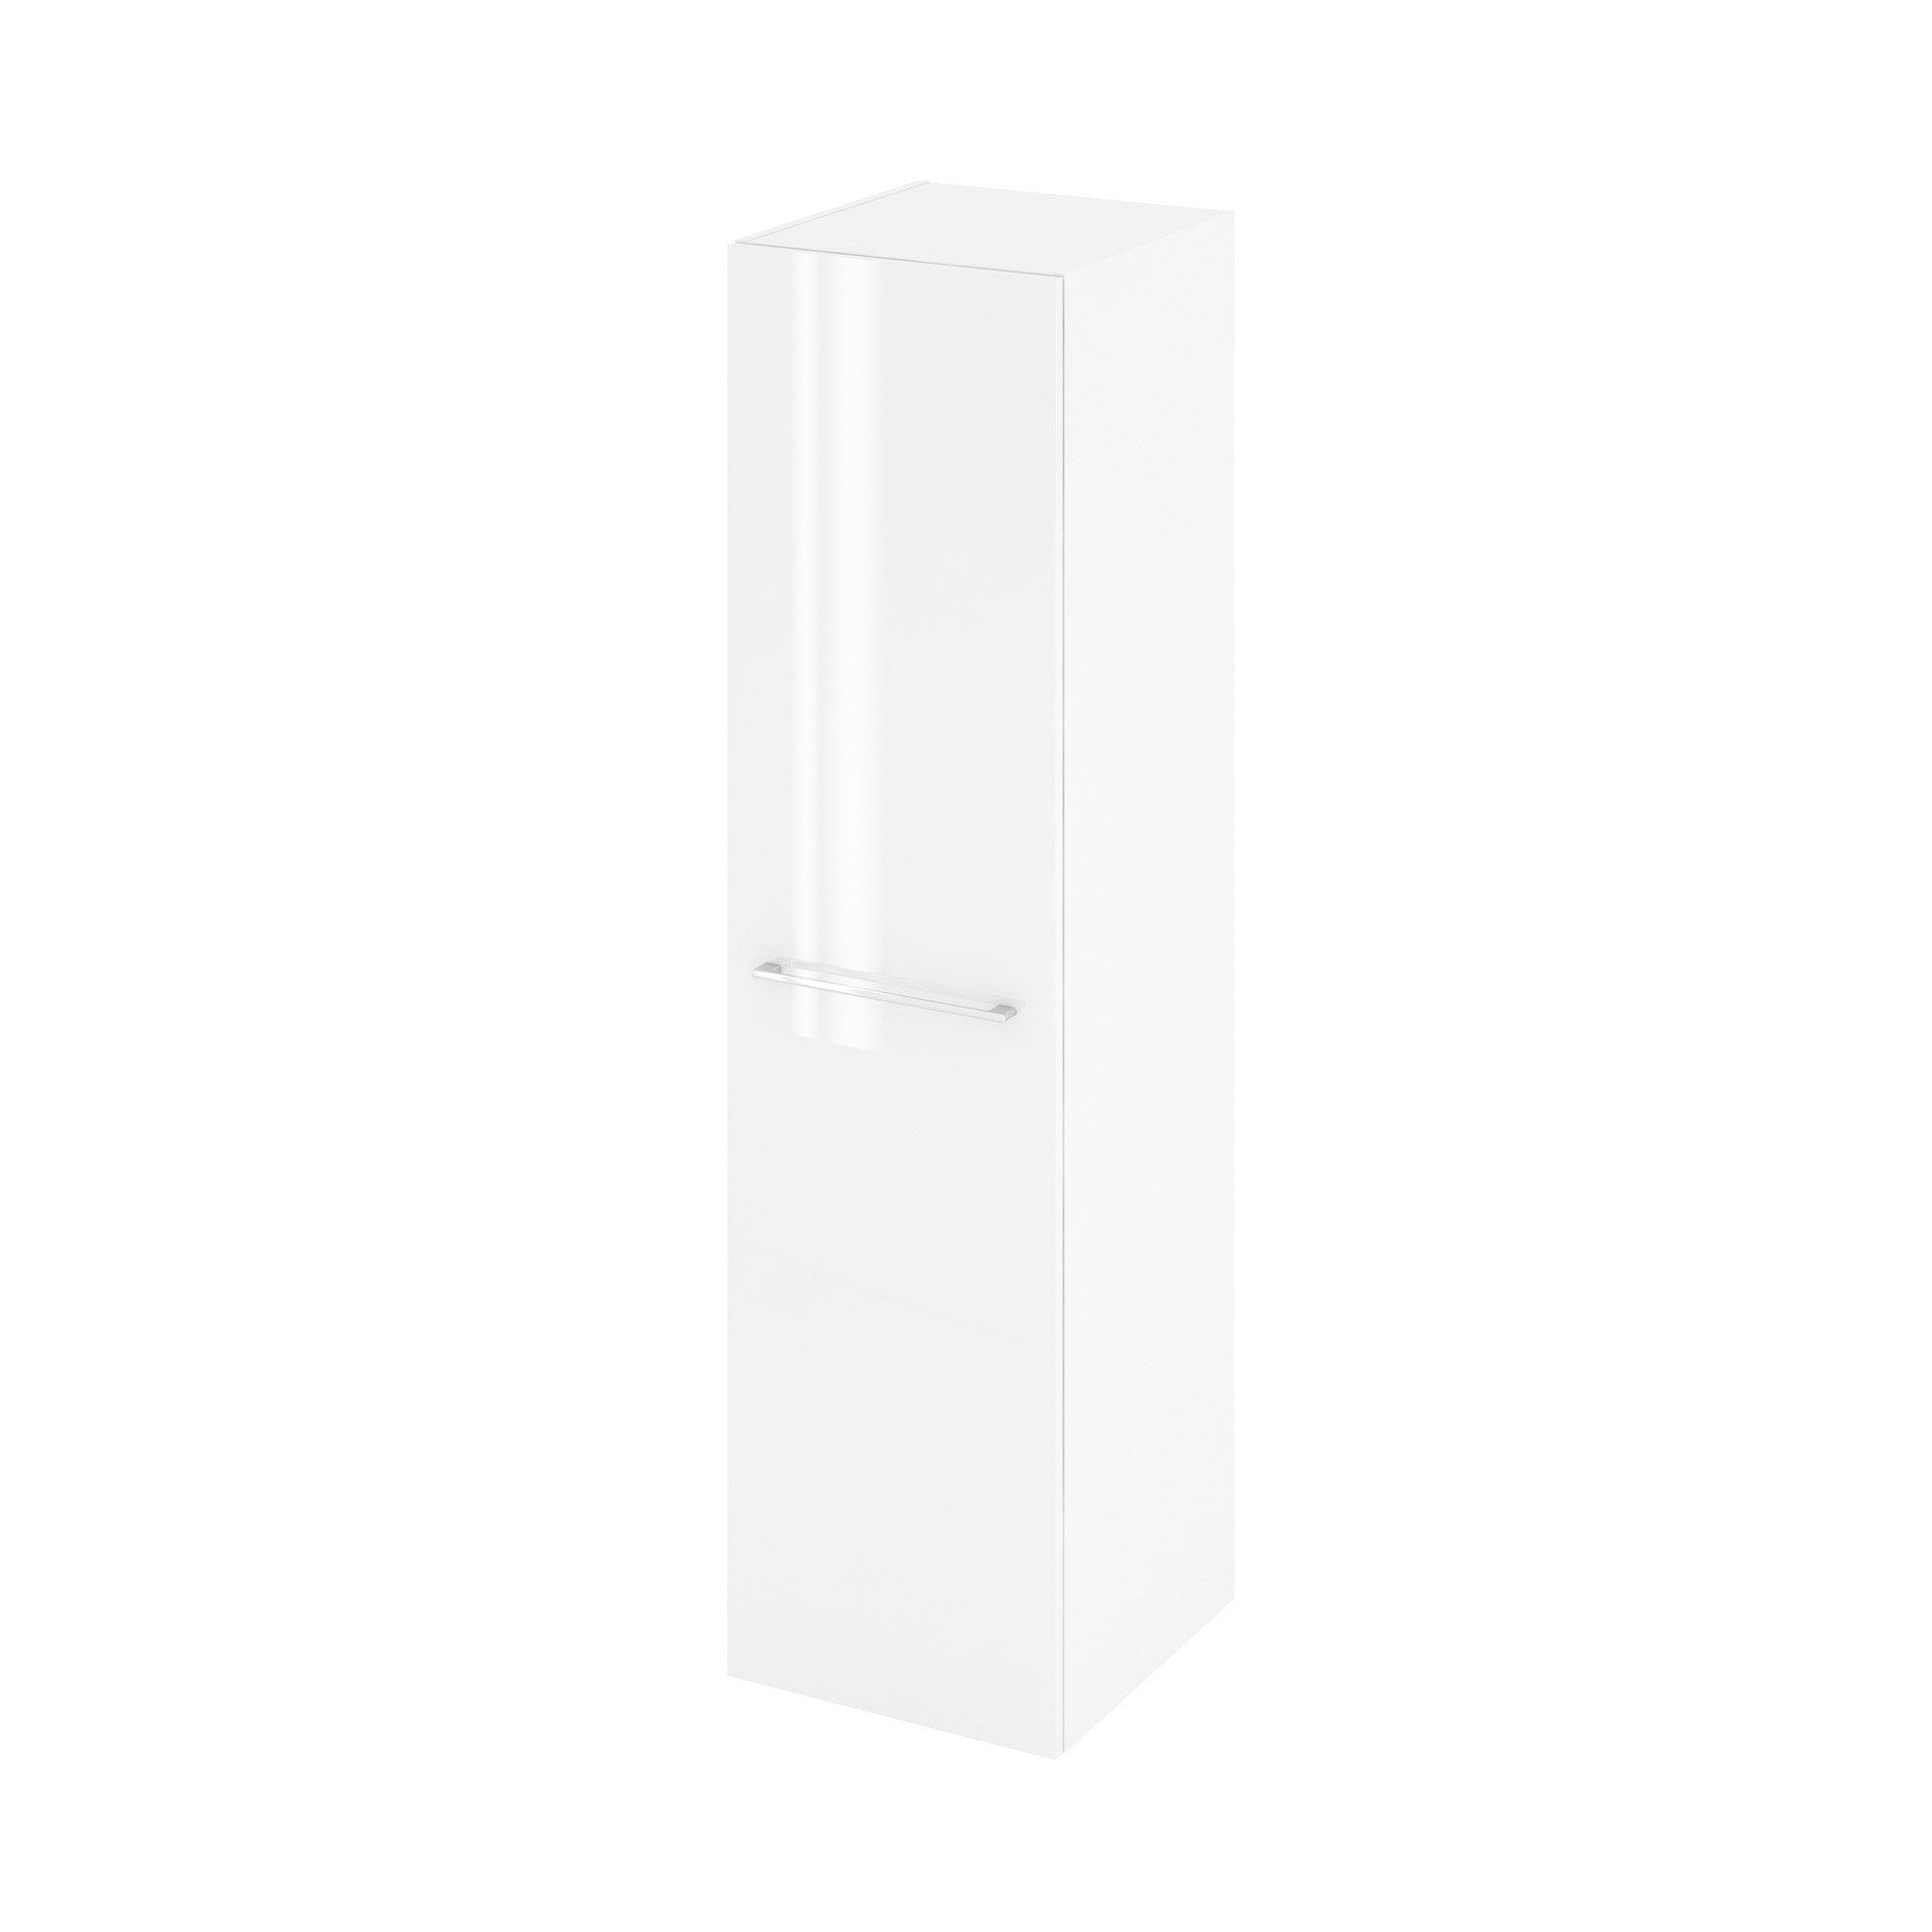 Colonne de salle de bains l.45 x H.173 x P.46.8 cm, blanc, Remix